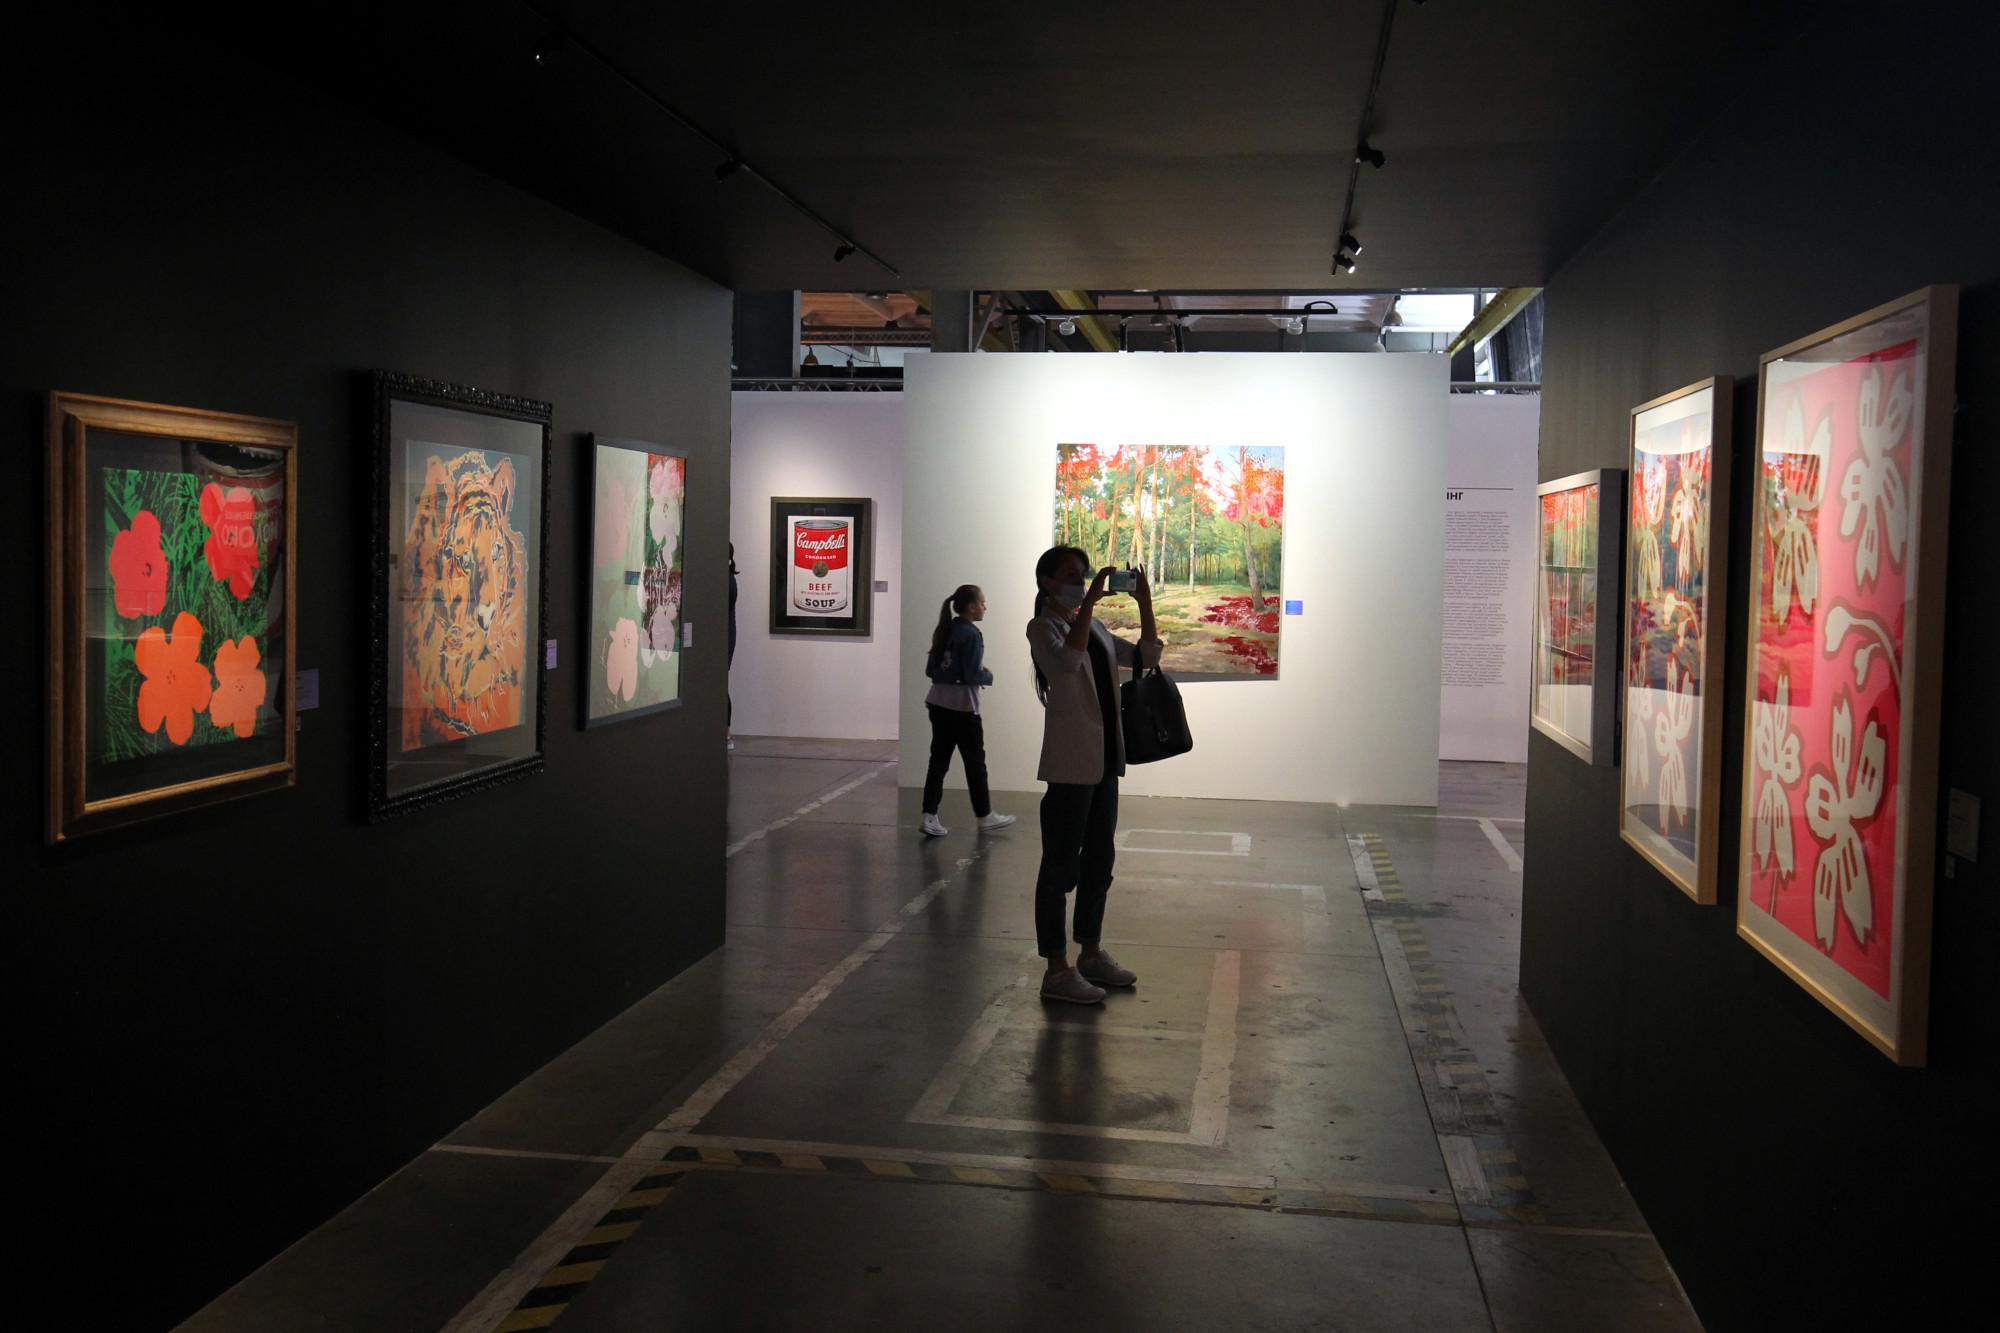 Увидеть картины Уорхола - Животные и Цветы - выставка в Петербурге Журнал НаНевском